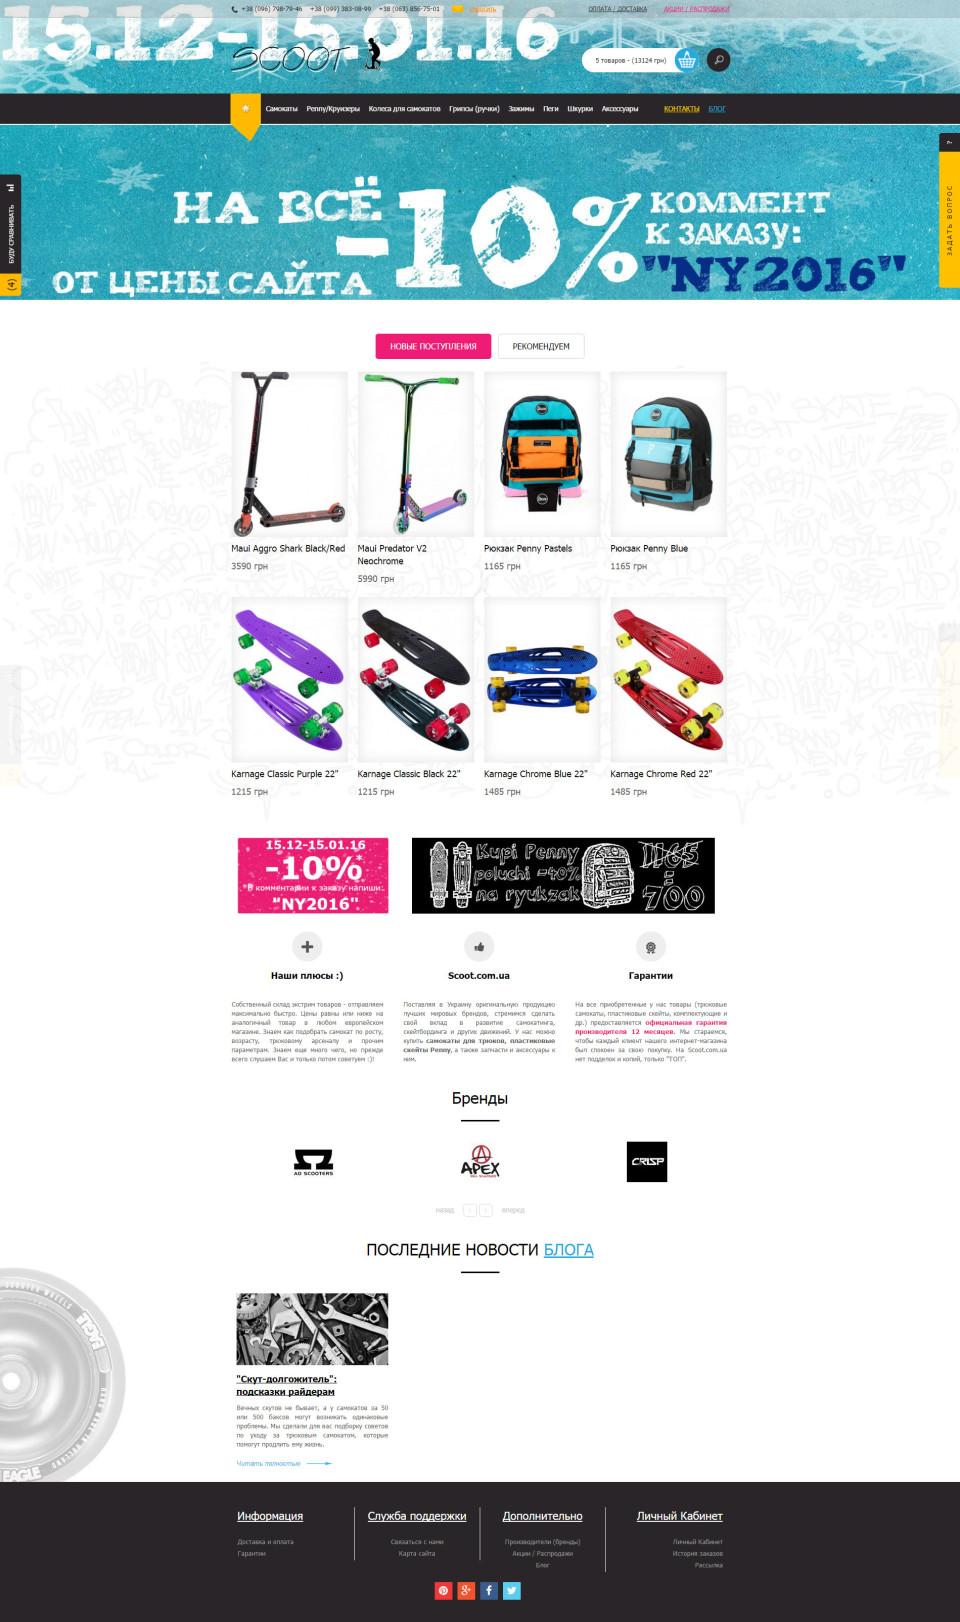 Интернет магазин трюковых самокатов Scoot - Главная